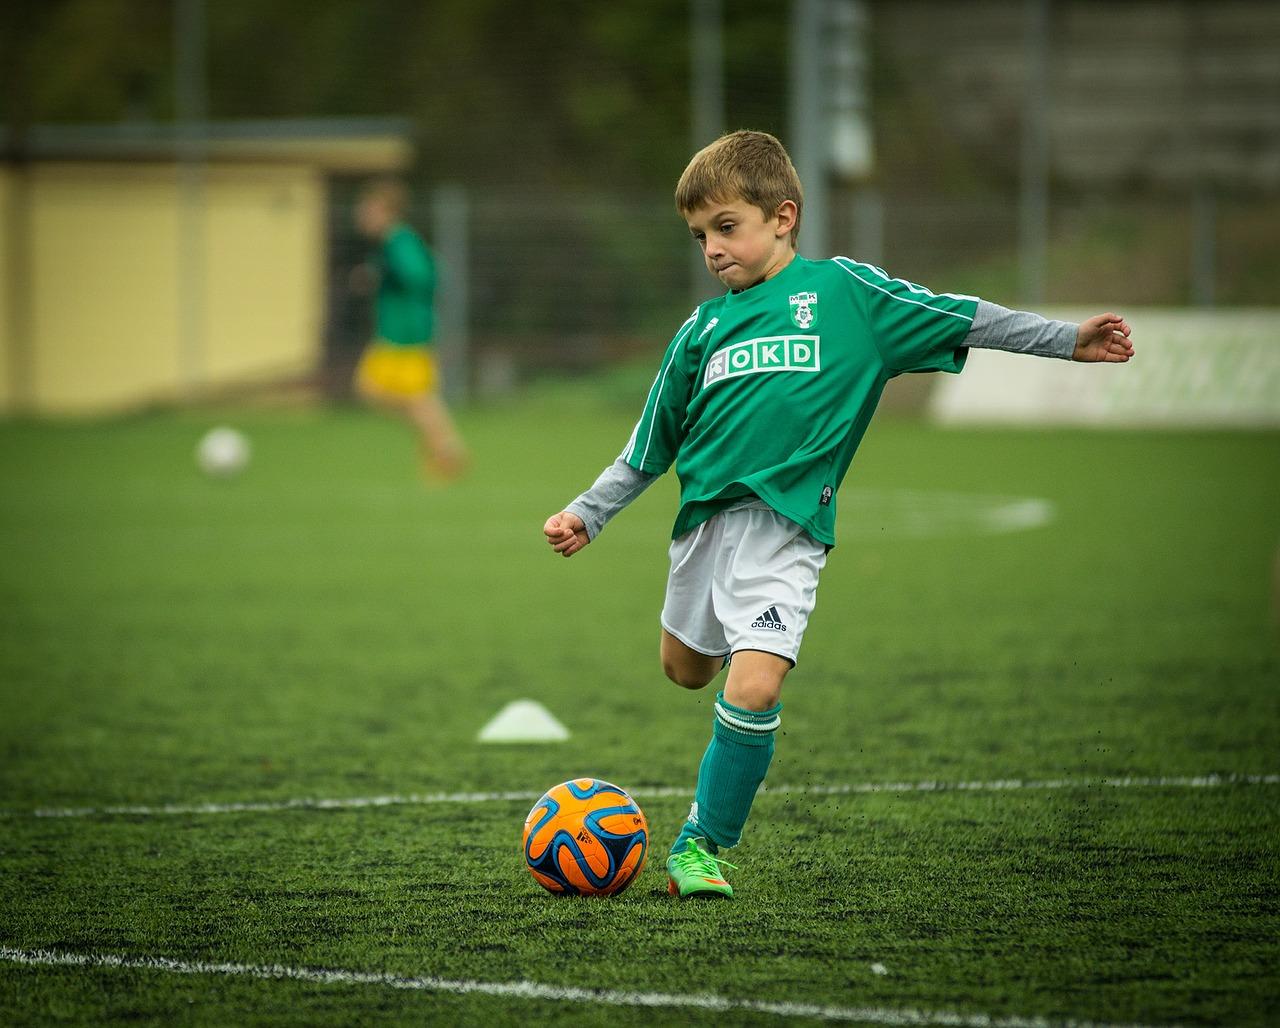 Få dit barn i gang med en sportsgren